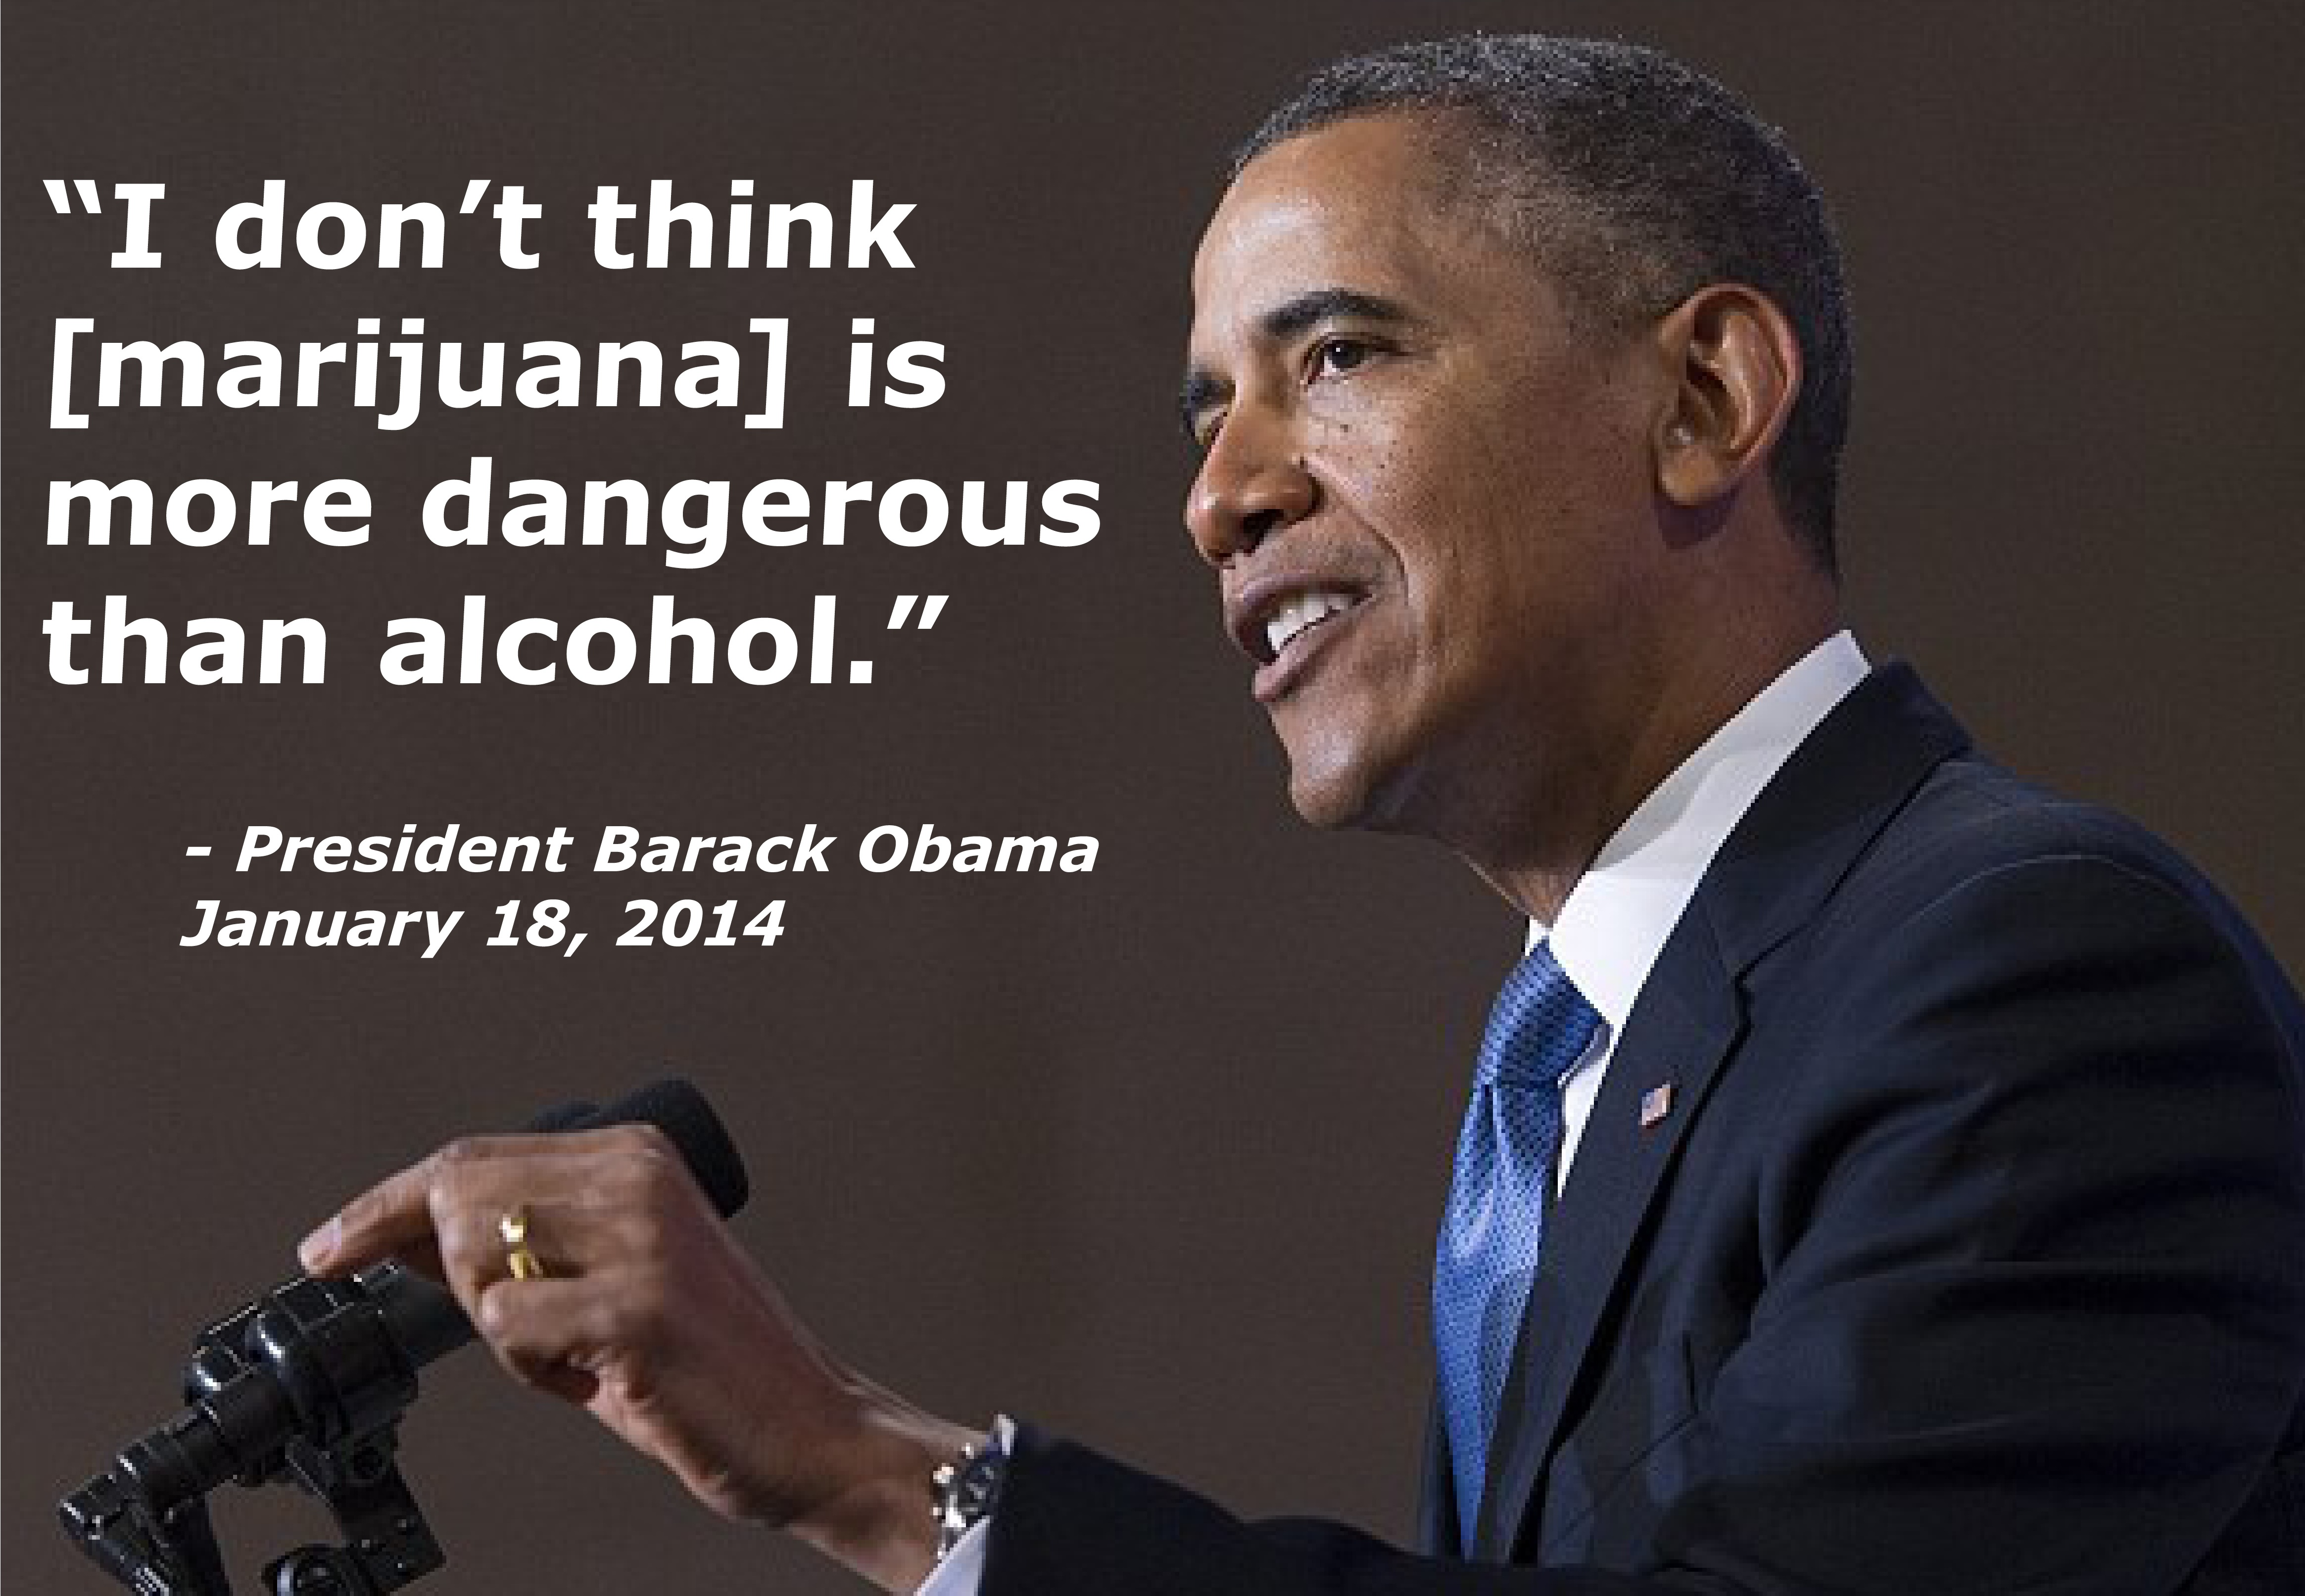 Obama on Marijuana